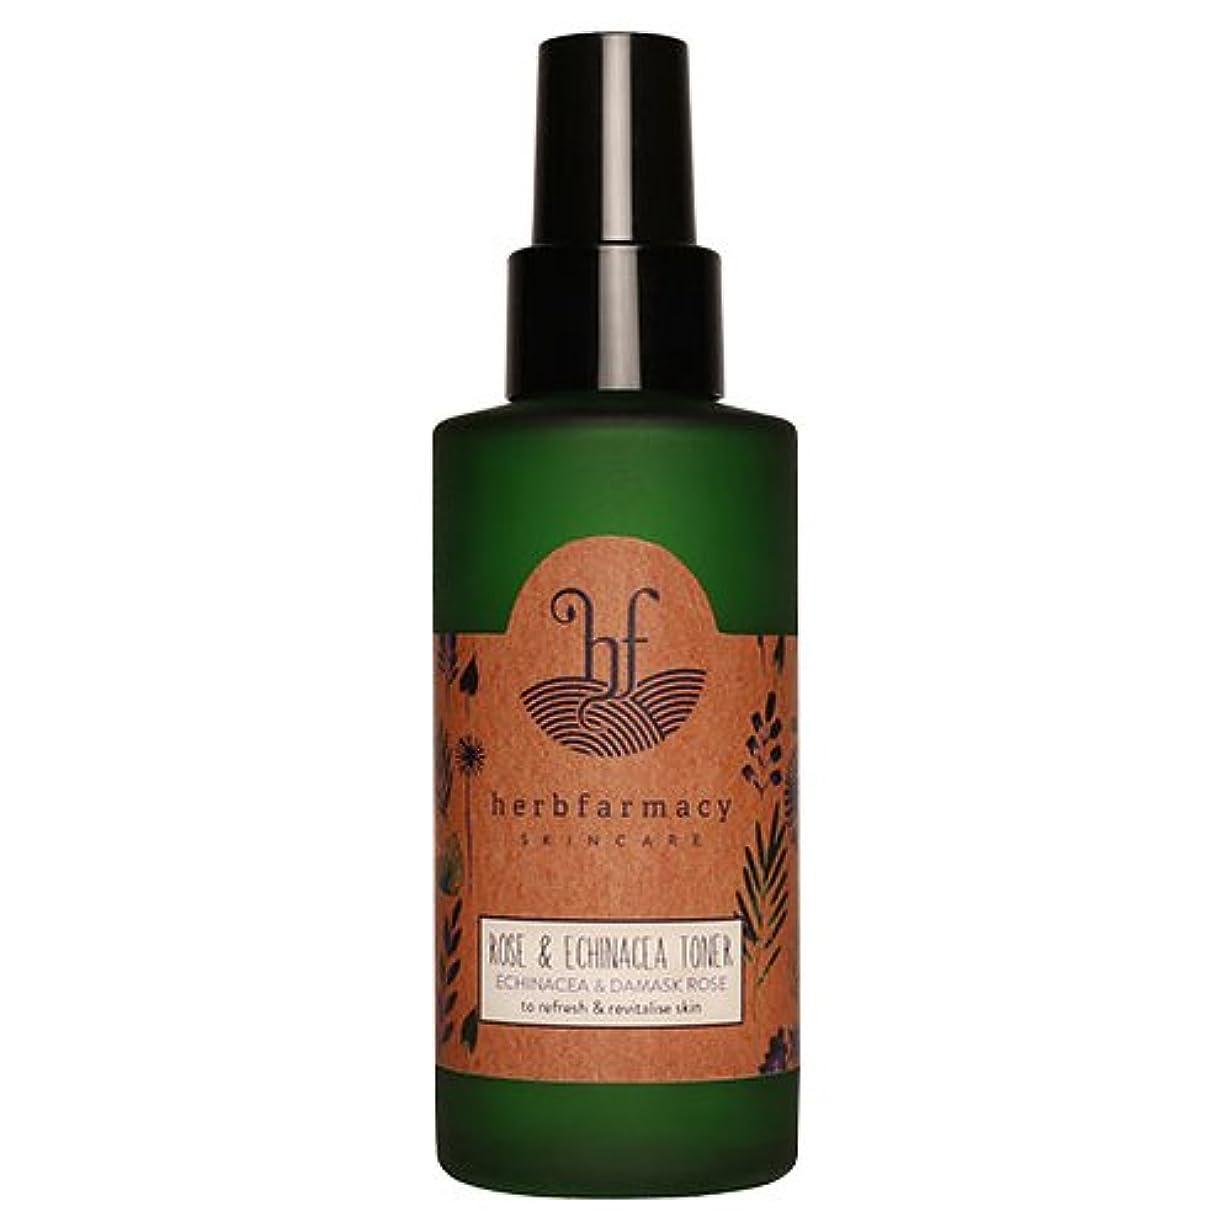 行方不明スキーム形式ハーブファーマシー (herbfarmacy) ダマスクローズ アンド エキナセア トナー 〈化粧水〉 (95mL)